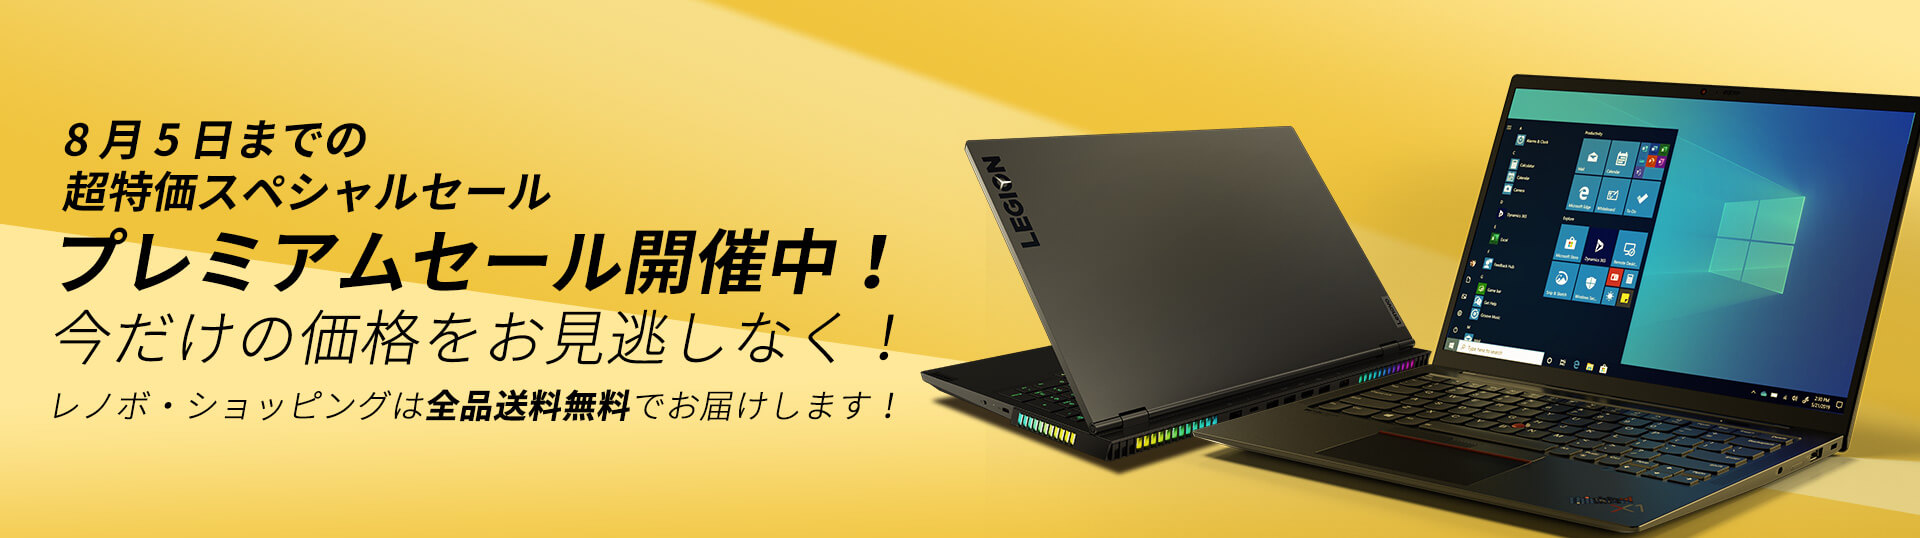 Lenovo「プレミアムセール」パソコンが最大60%OFF!8月5日まで